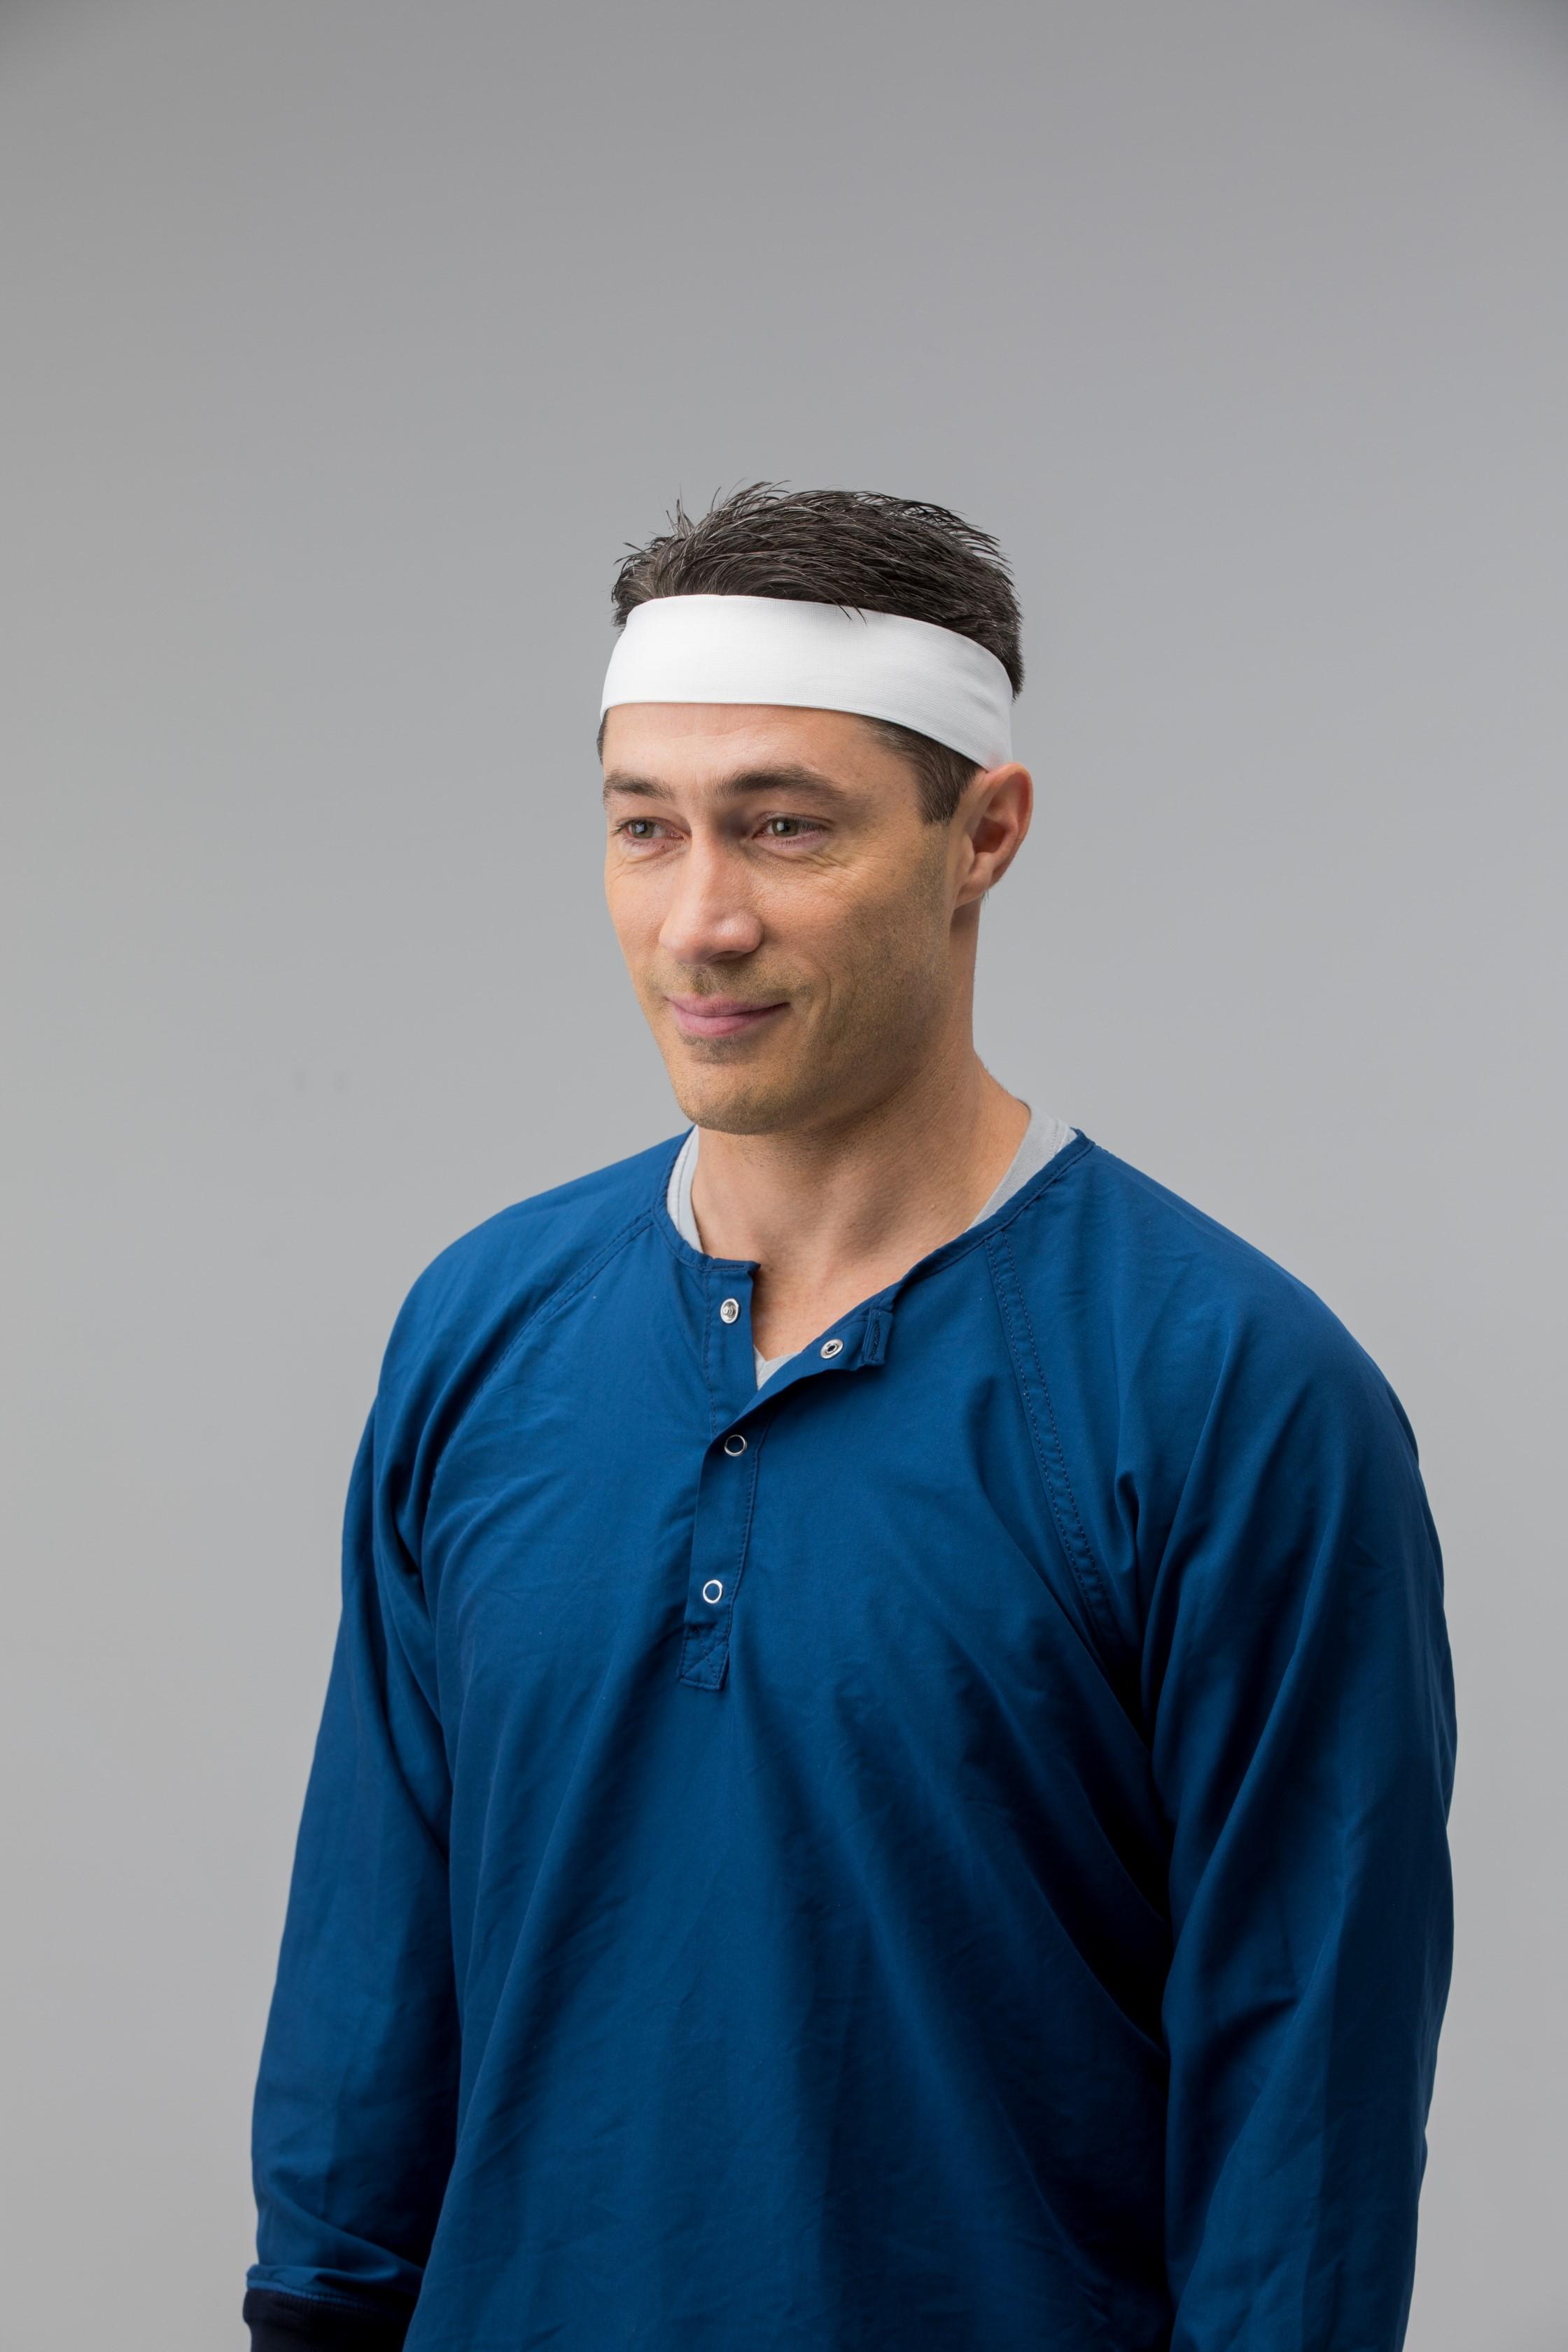 Sweat-less Cleanroom Headband - SL-02-XL